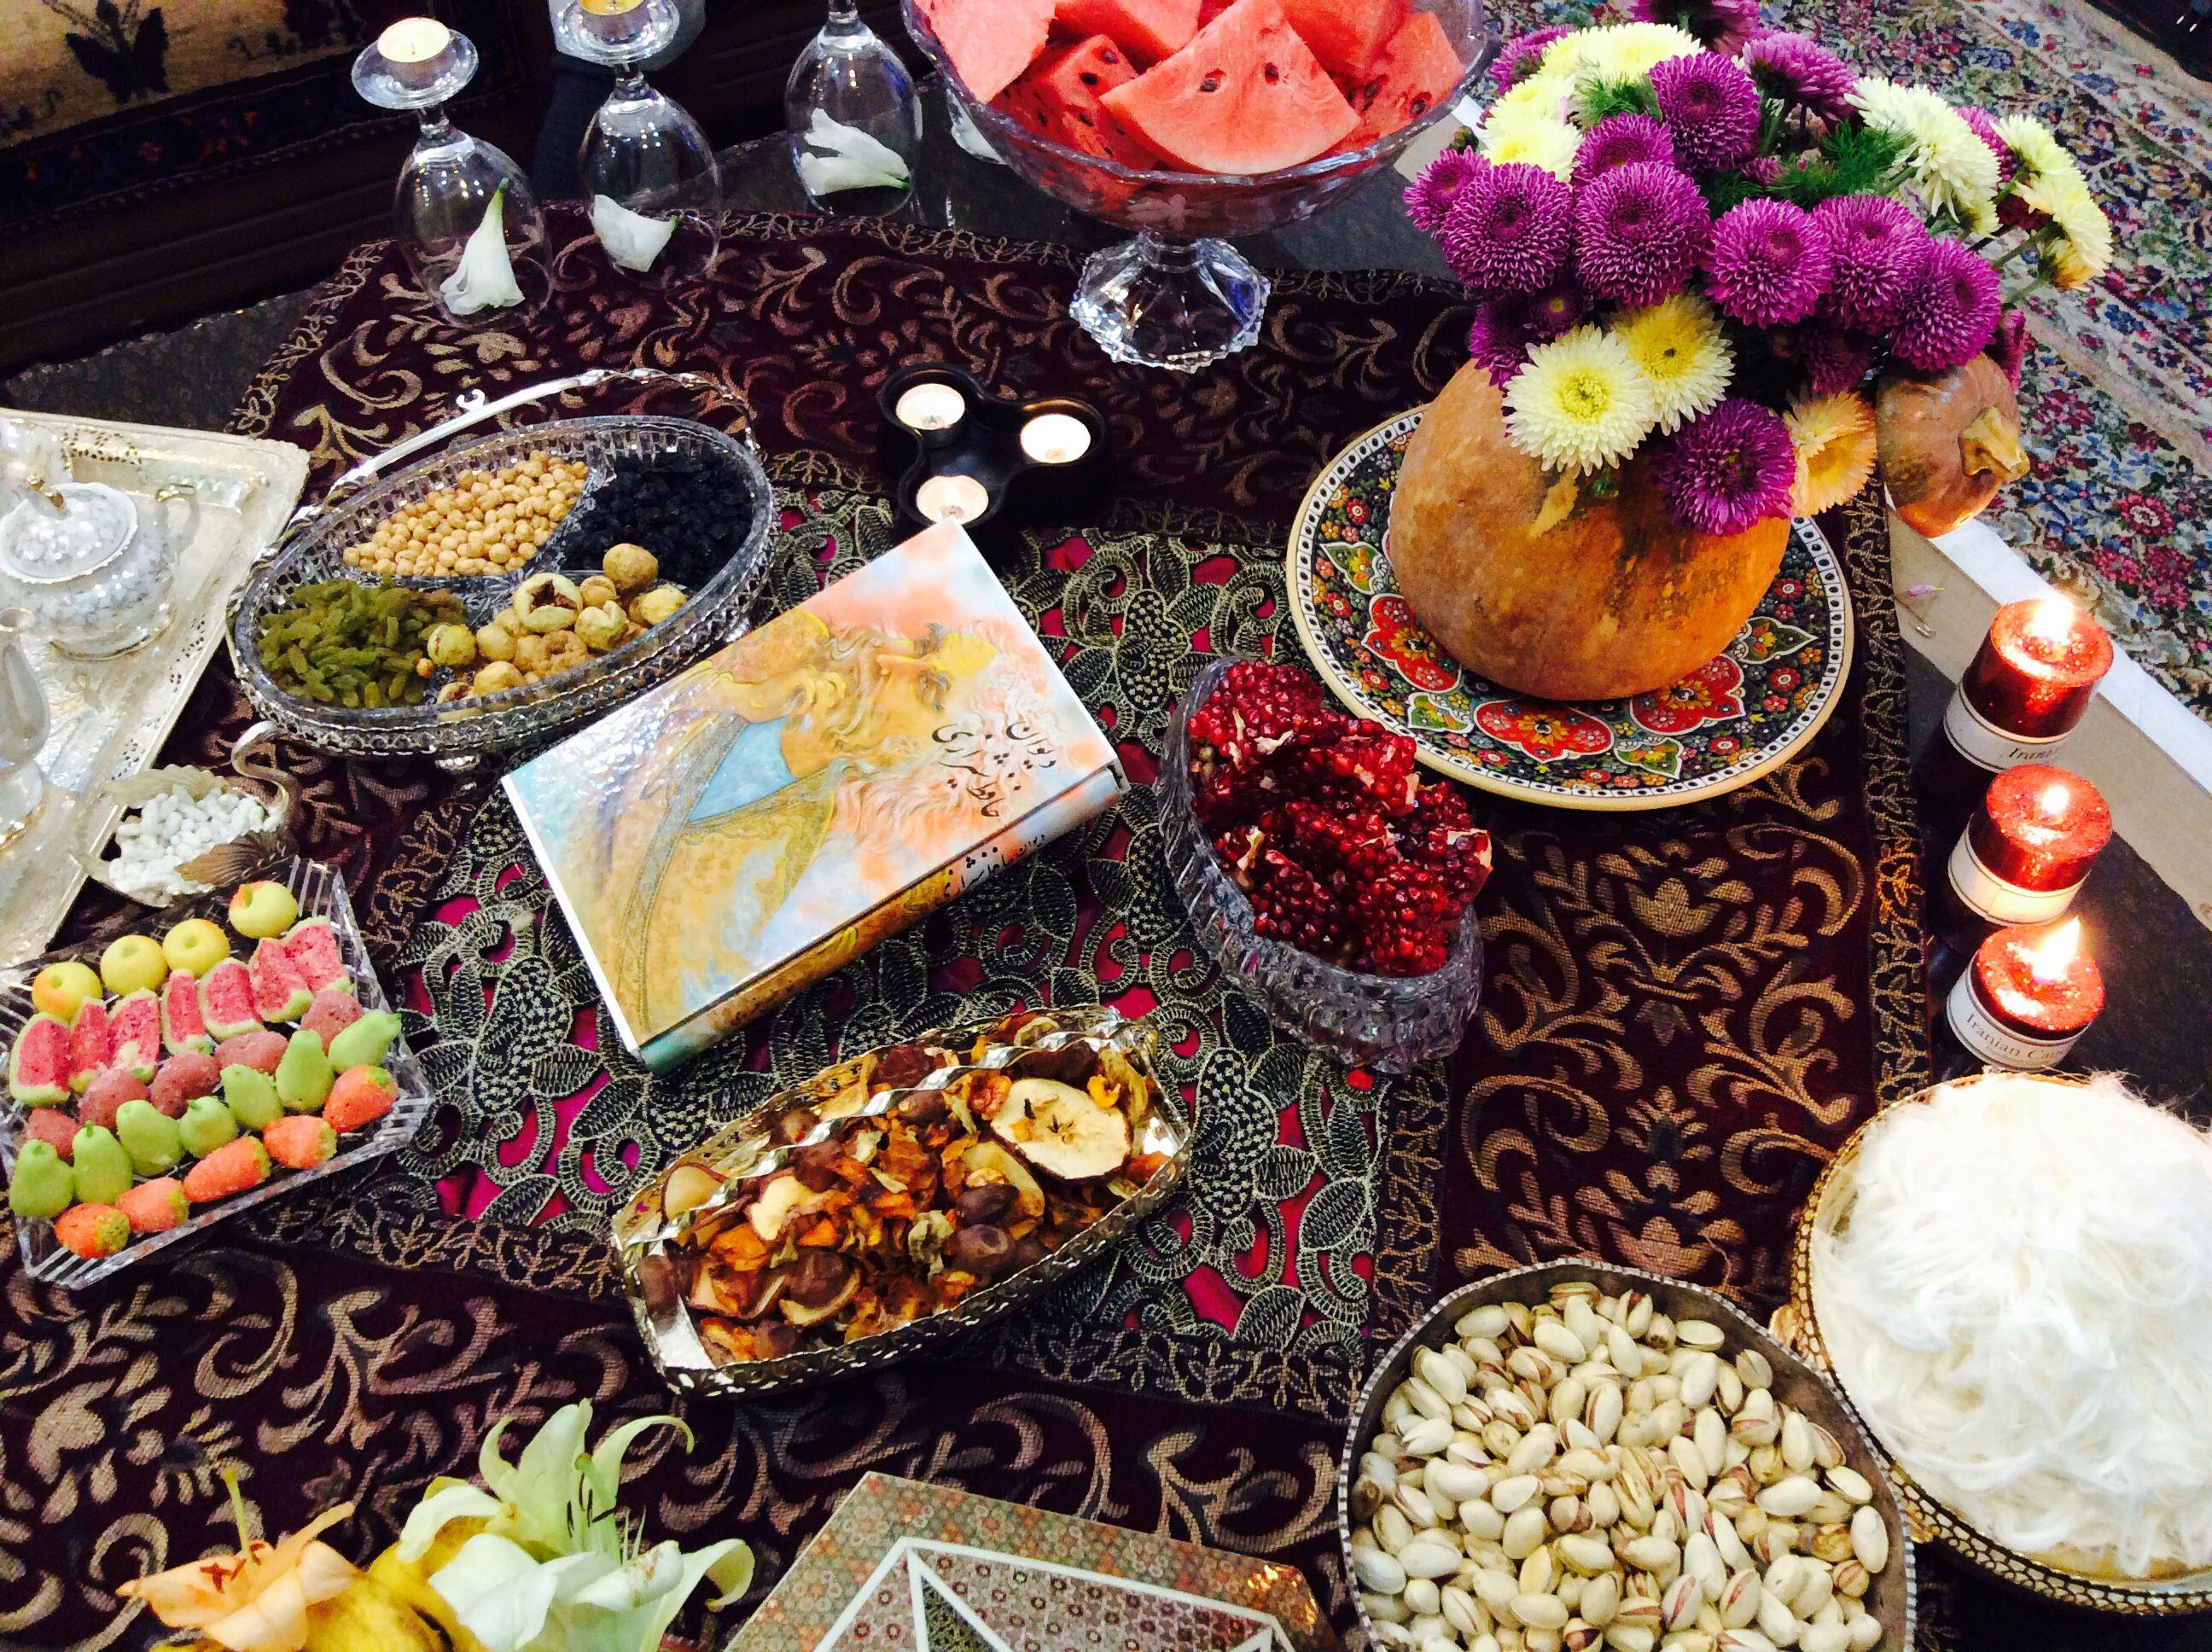 Традиции и ритуалы на праздник Ялда в Иране